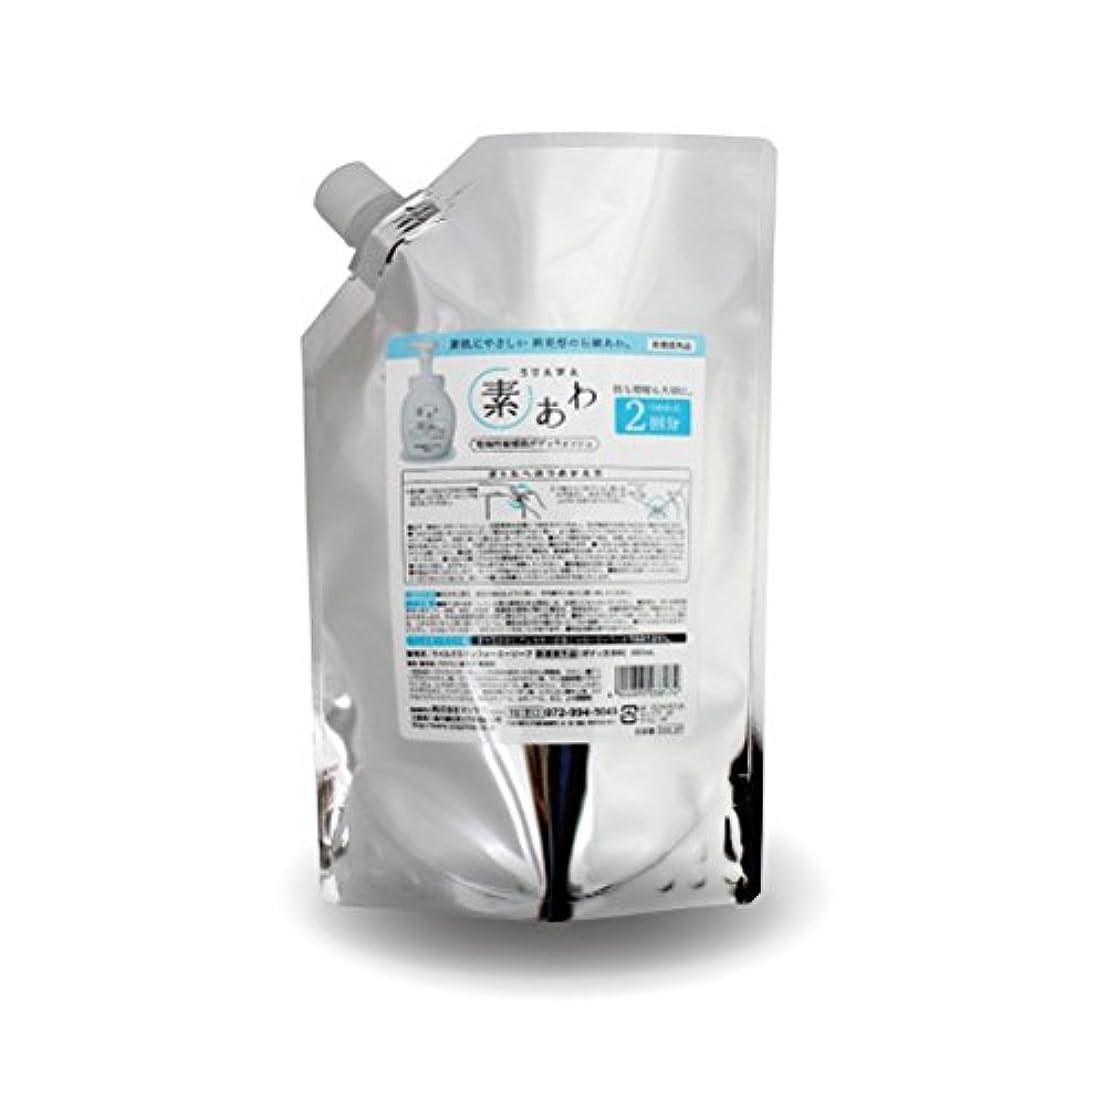 収束具体的にヶ月目薬用 素あわ 泡タイプ ボディソープ 詰替2回分パウチ 800mL 乾 燥 肌 ? 敏 感 肌 に